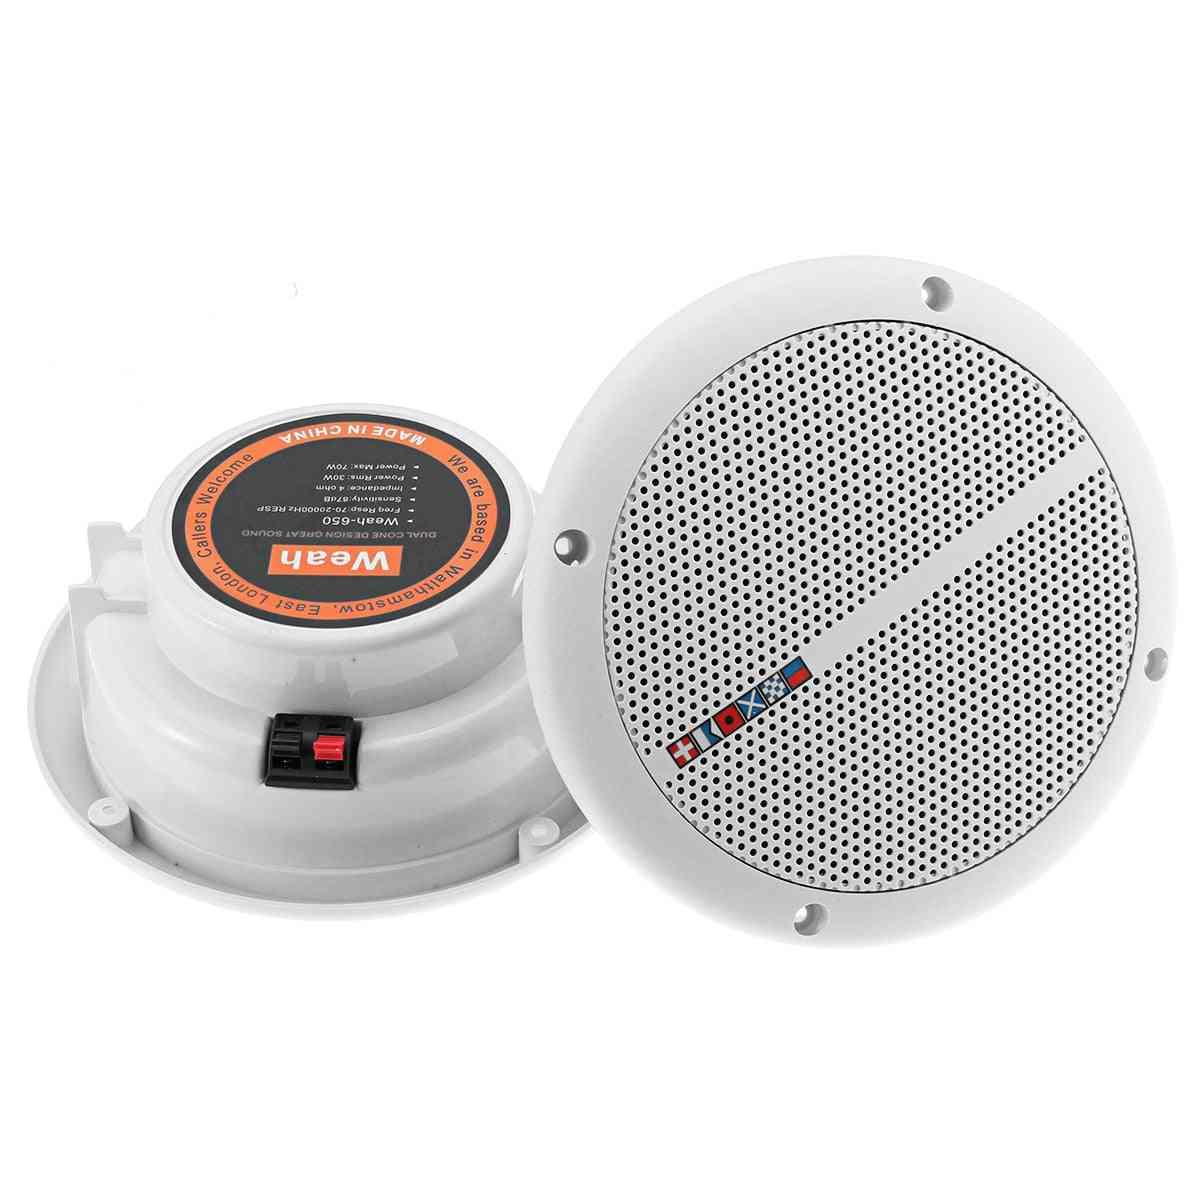 Outdoor Waterproof Ceiling Speakers For Sport Walking